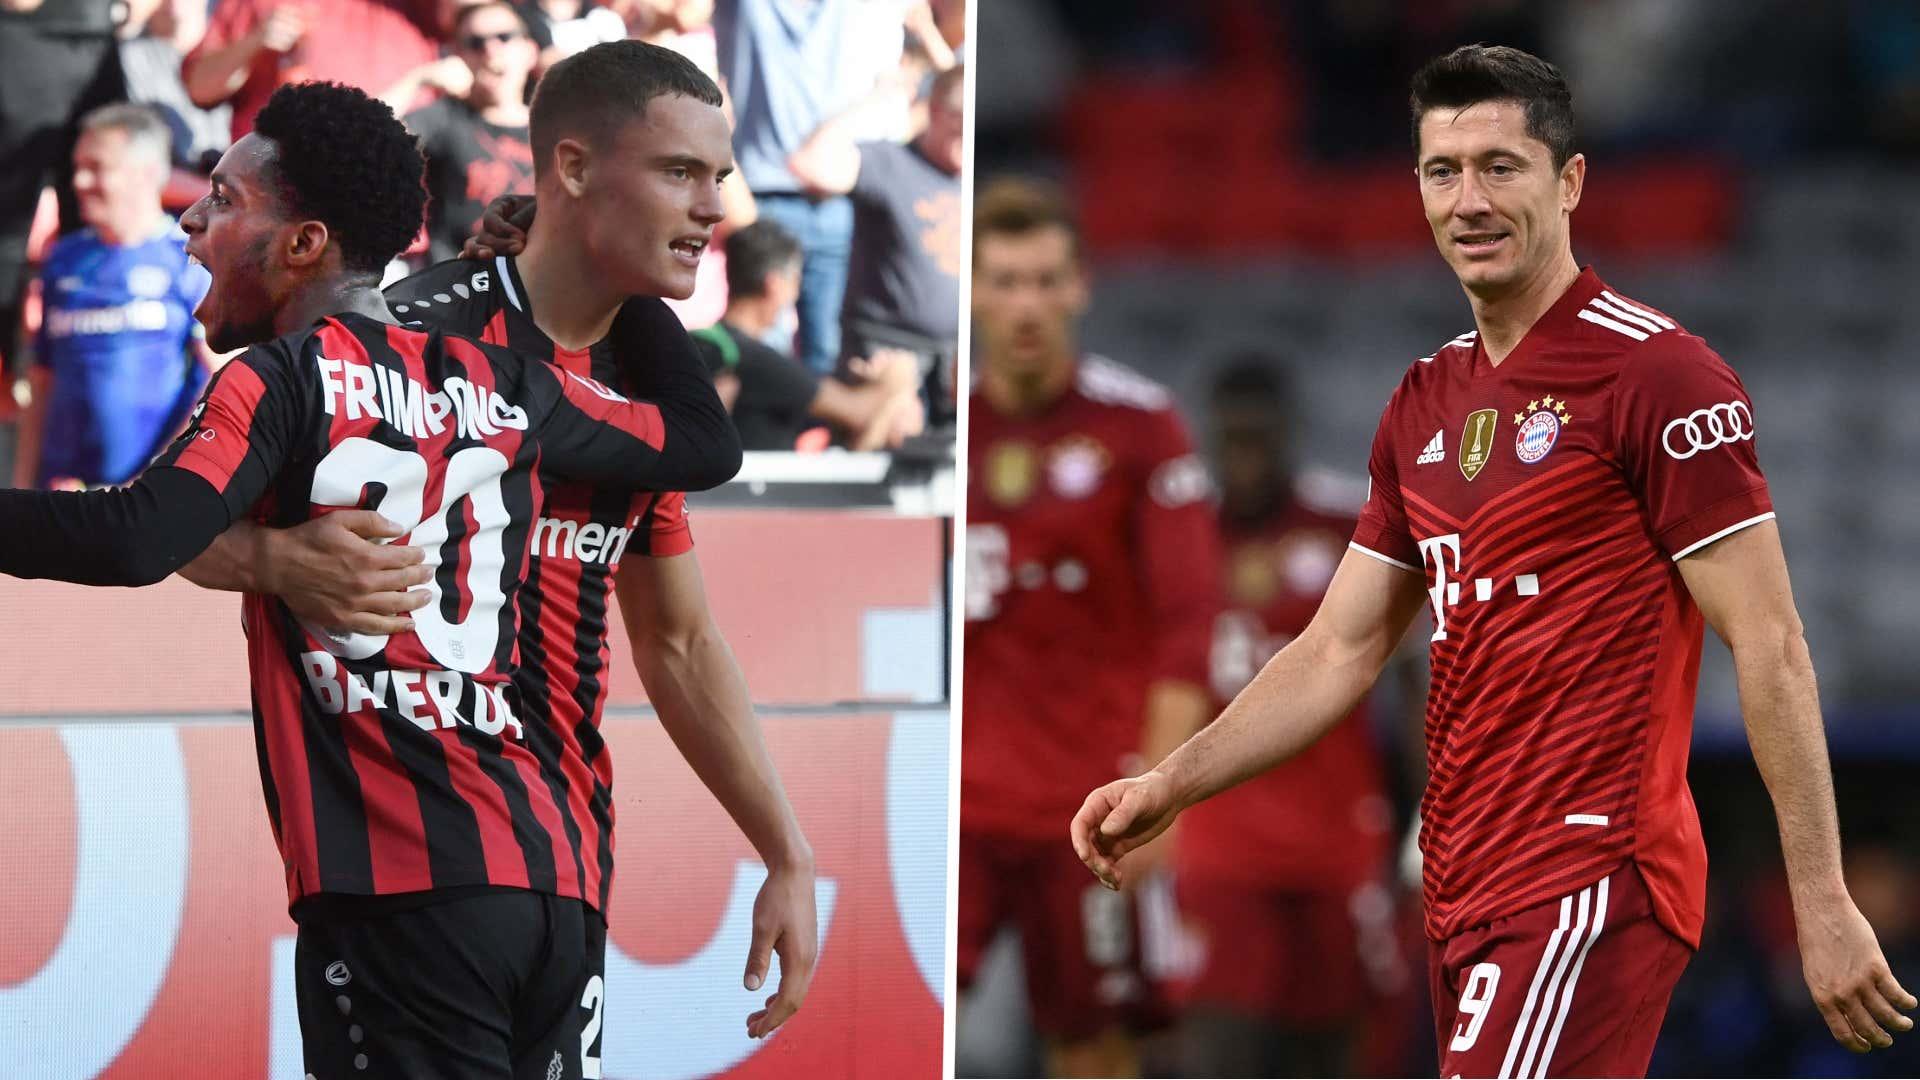 Fußball heute live: Bayer Leverkusen vs. FC Bayern München im TV und LIVE-STREAM | Goal.com